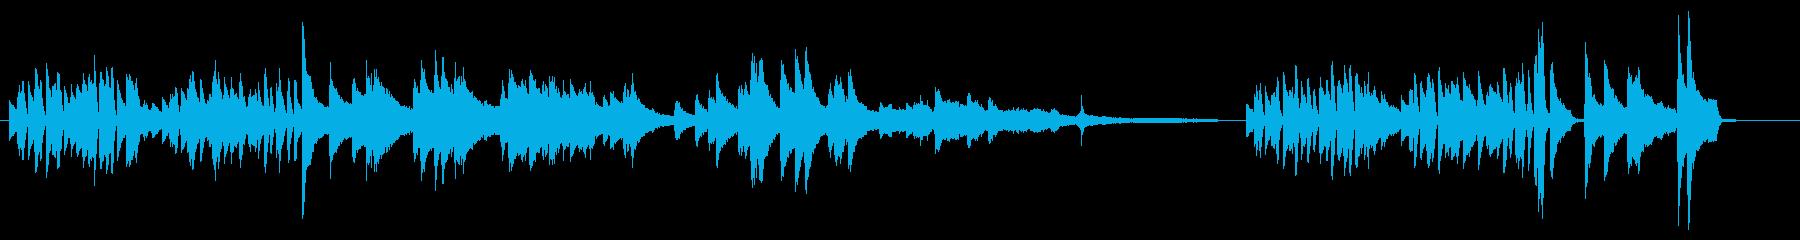 楽しく軽快なワルツ ピアノソロの再生済みの波形